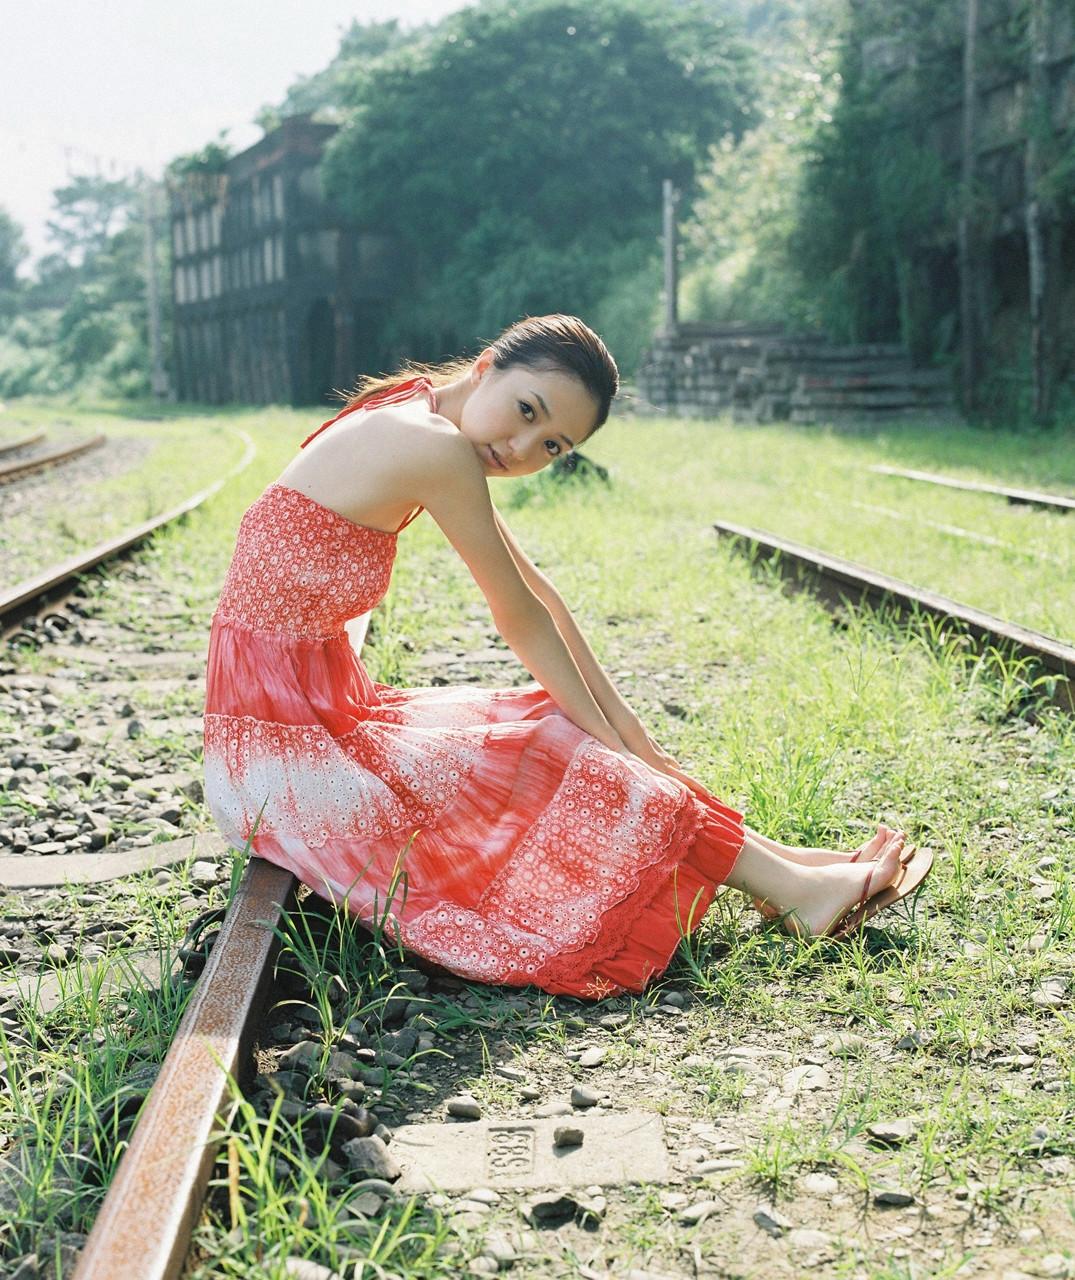 逢沢りな「さよなら、美少女」グラビア 09-06